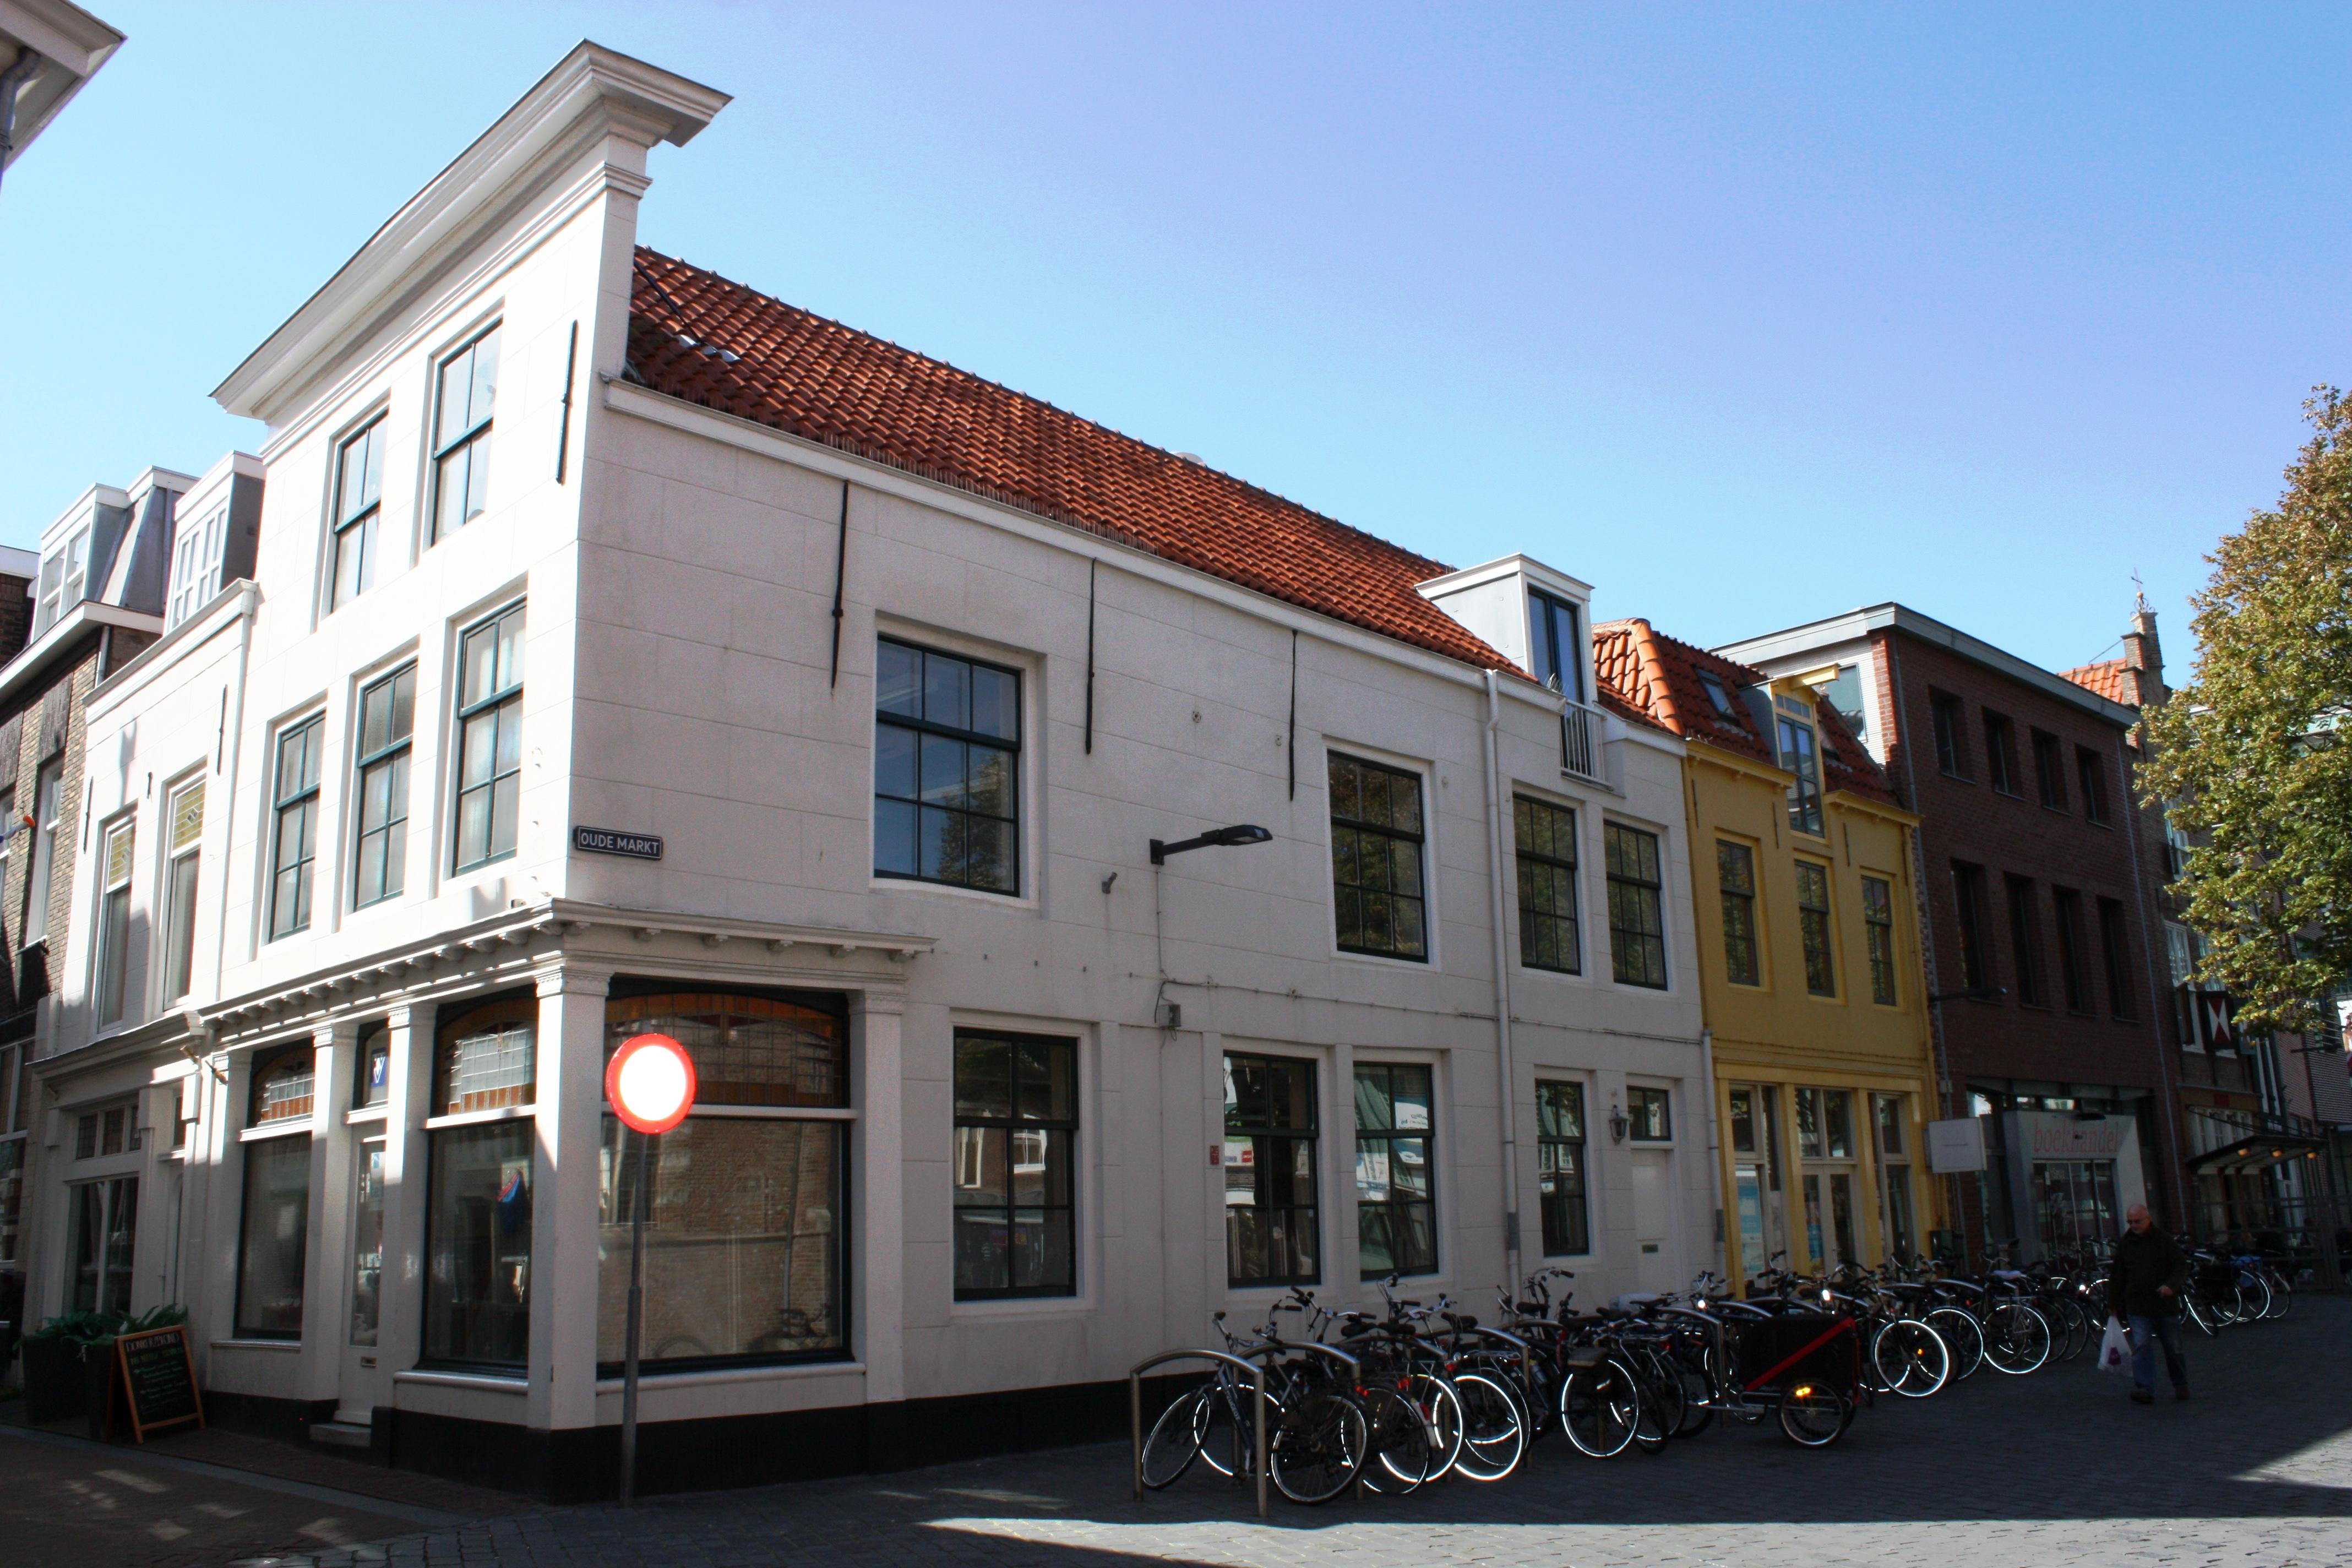 Huis met rechte gepleisterde gevel dakkapel op de hoek met kerkstraat 1 moderne winkelpui - Oude huis gevel ...